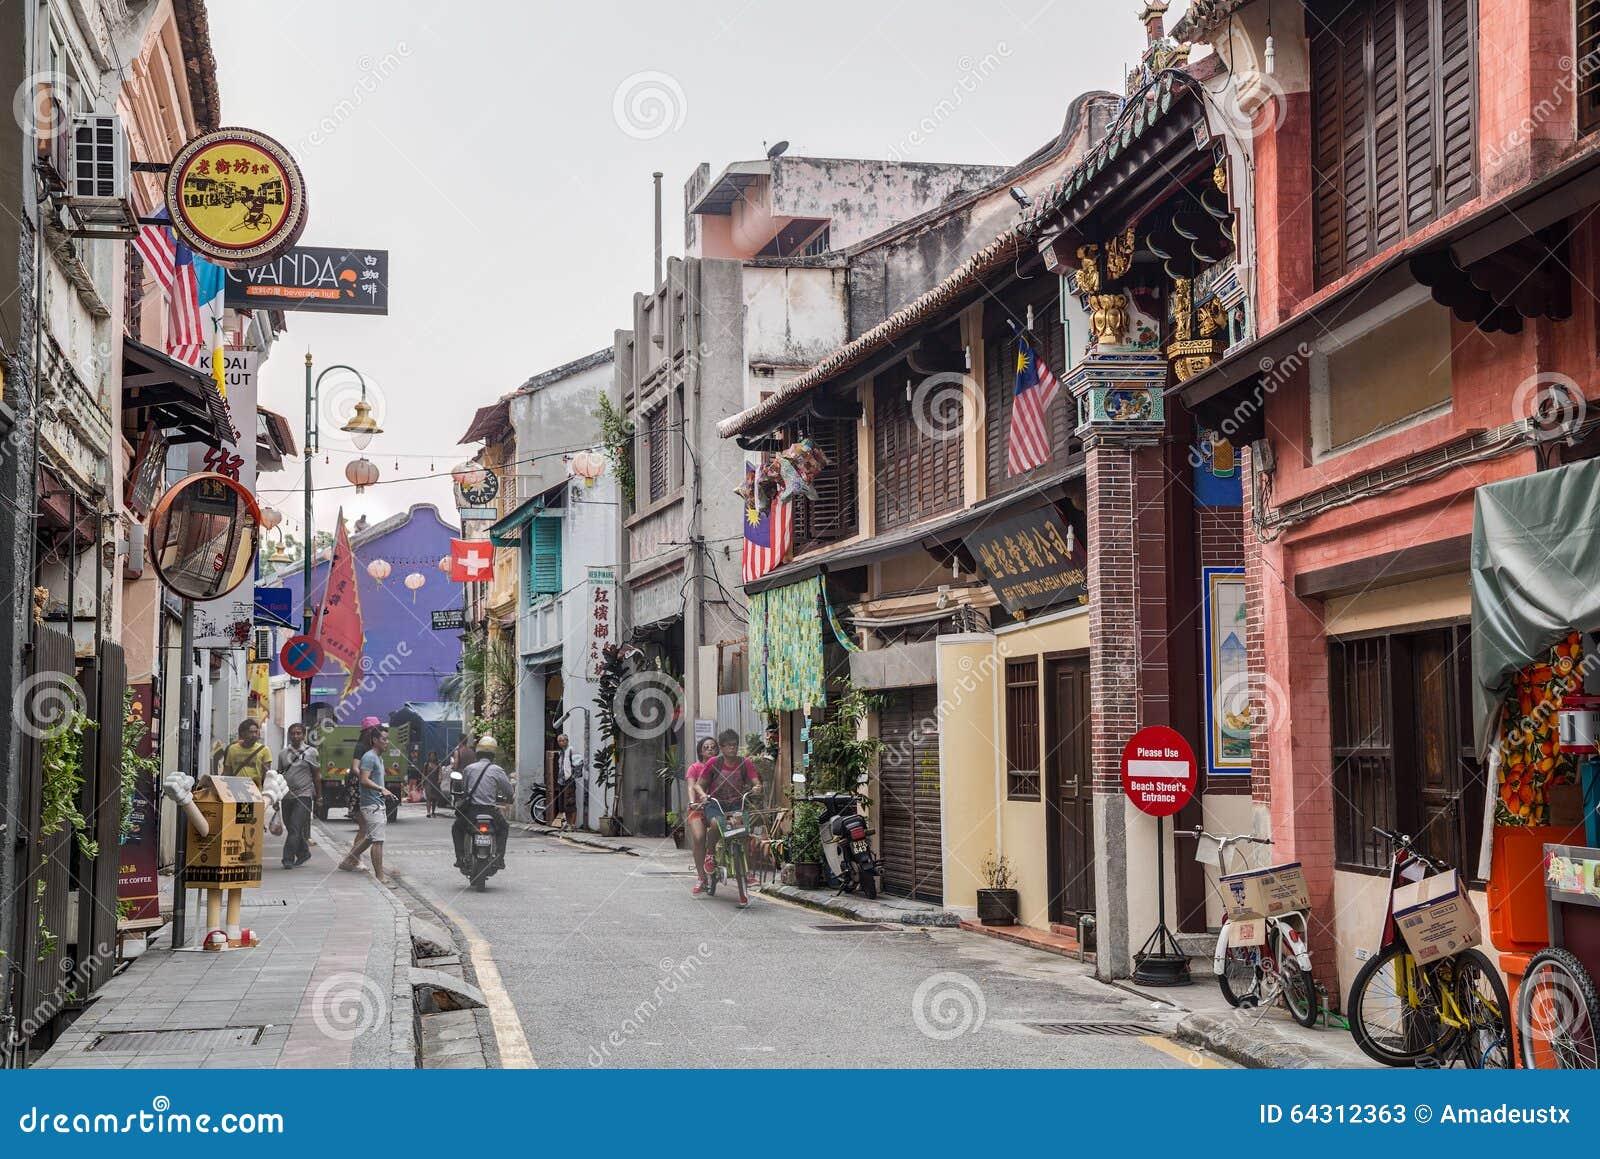 Georgetown, Penang/Malaysia - circa October 2015: Old streets and architecture of Georgetown, Penang, Malaysia